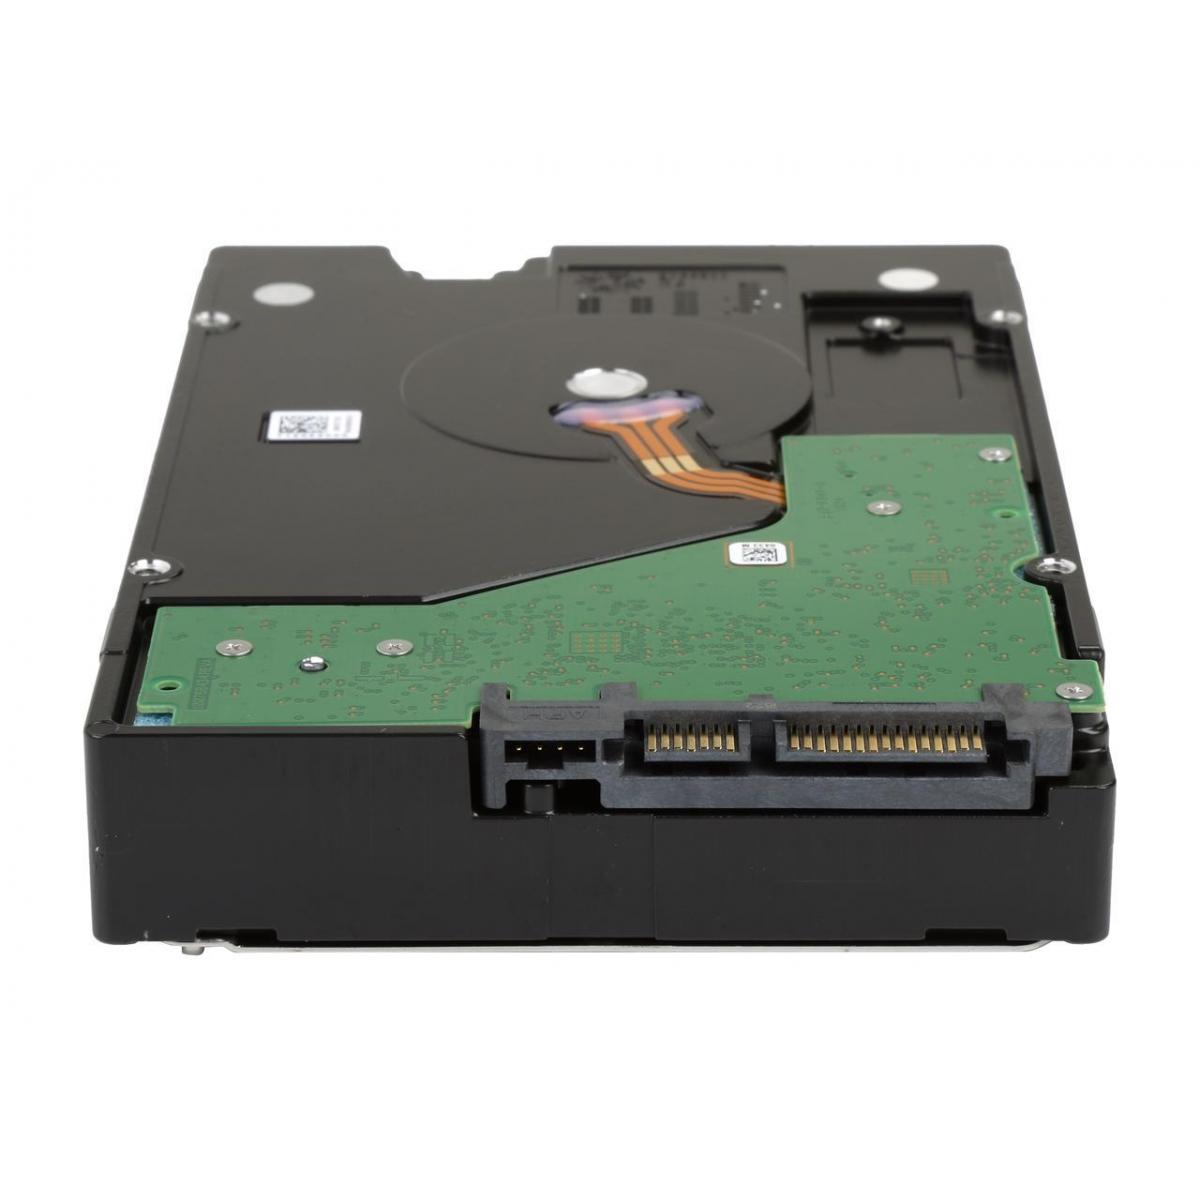 HD Seagate Barracuda PRO 8TB, Sata III, 7200RPM, 256MB, ST8000DM005